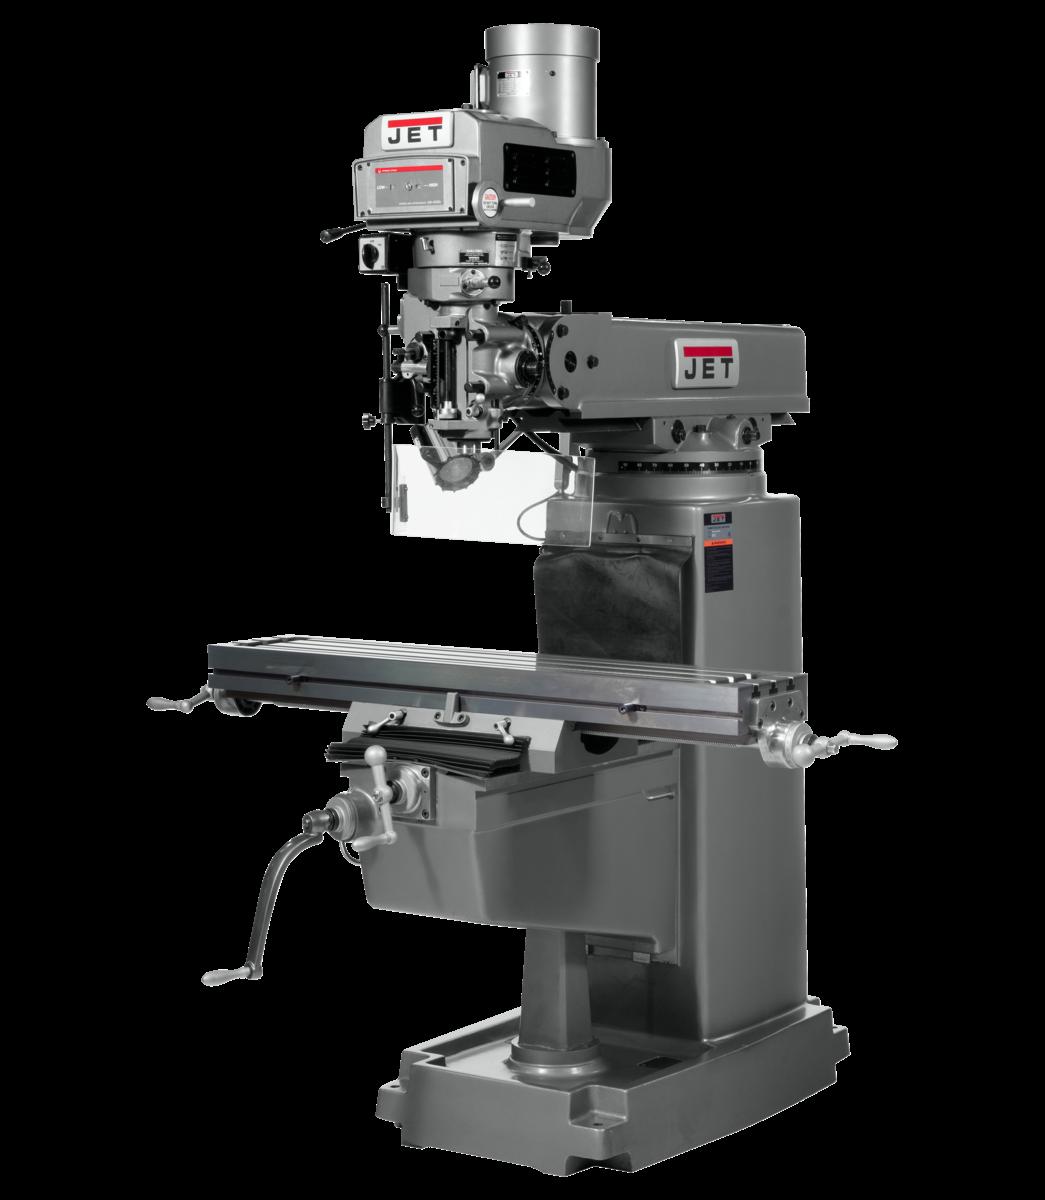 Fresadora JTM-1050 con visualizador de posición digital NEWALL DP700 de 3 ejes (eje hueco) y alimentación automática ejes X e Y instalados